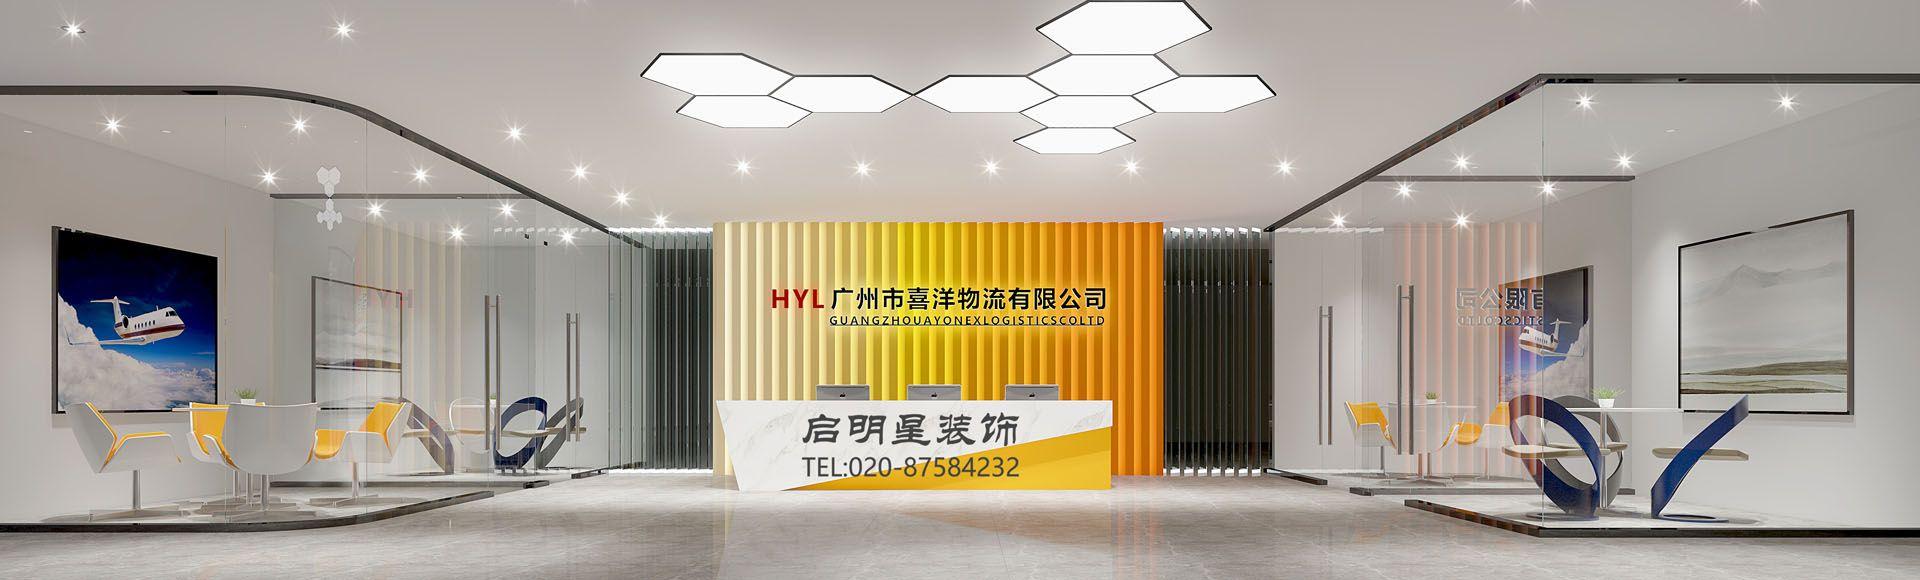 广州亚博体育app苹果下载地址公司案例